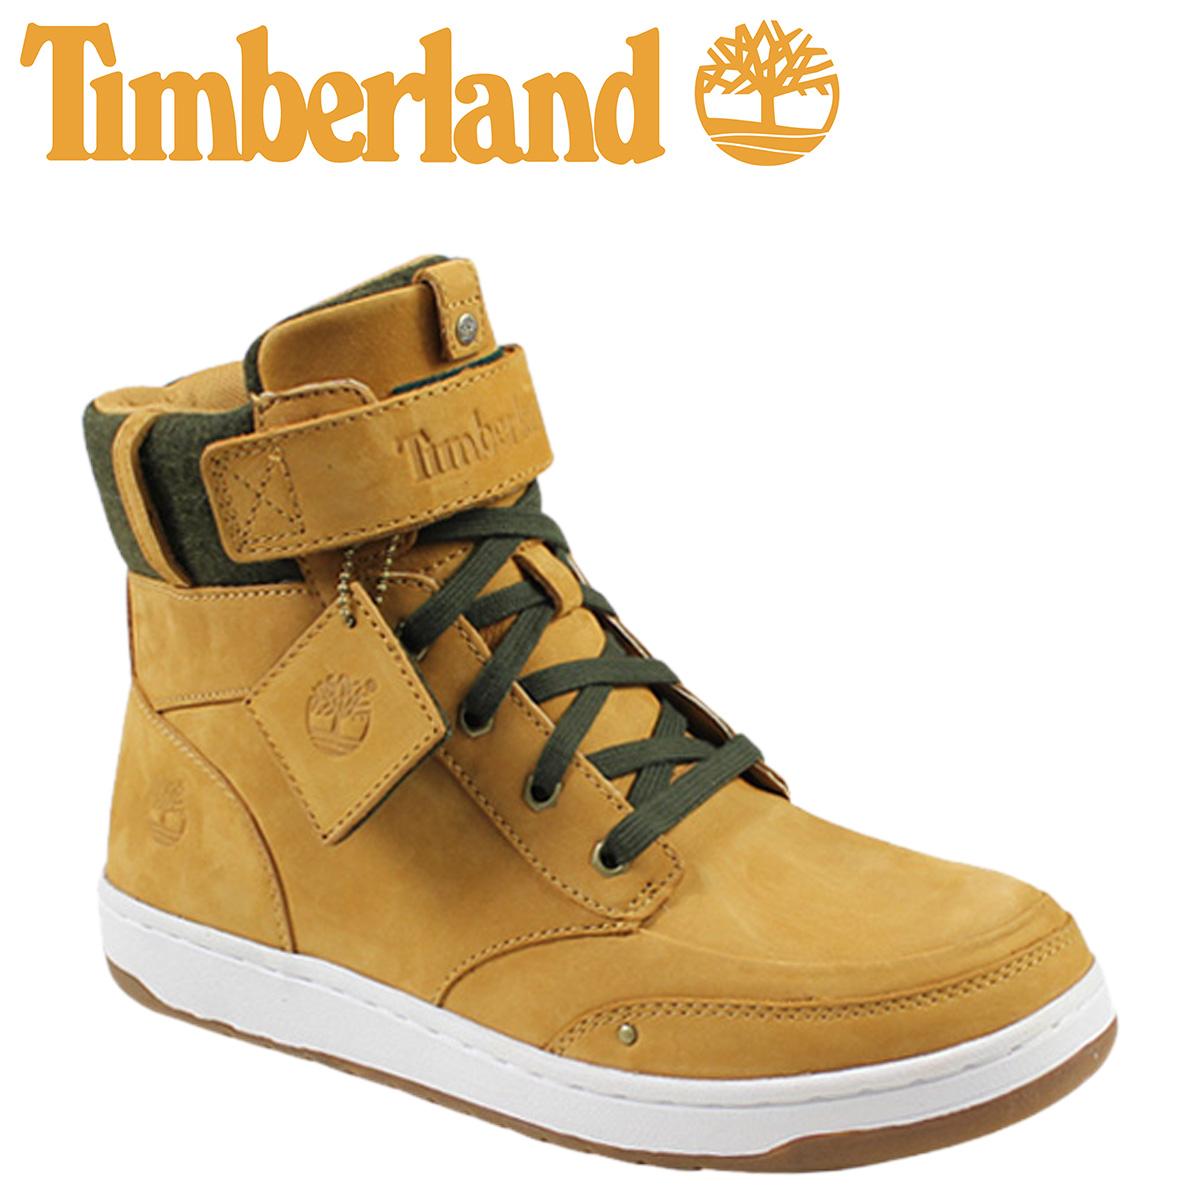 Timberland High-tops Et Chaussures De Sport ao2oW4tJWI